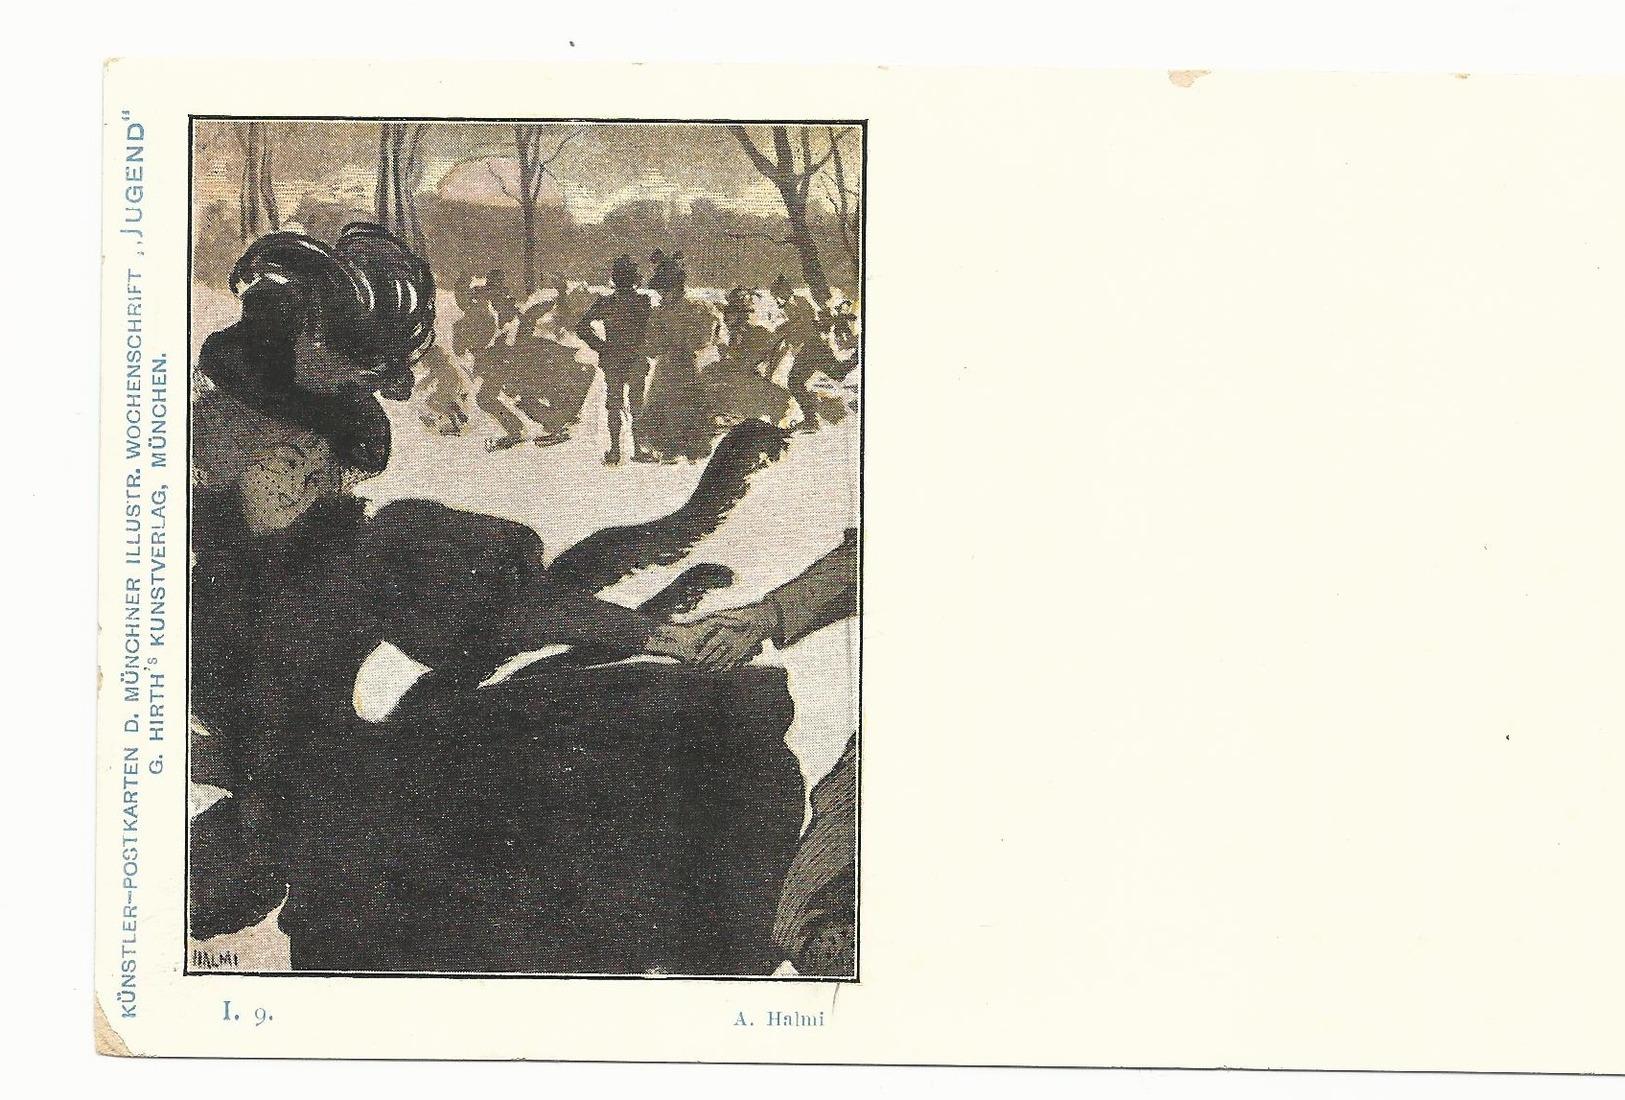 CPA - ART NOUVEAU - ILL. HALMI - SERIE JUGEND I.9 - NON ECRITE - TBE - Autres Illustrateurs